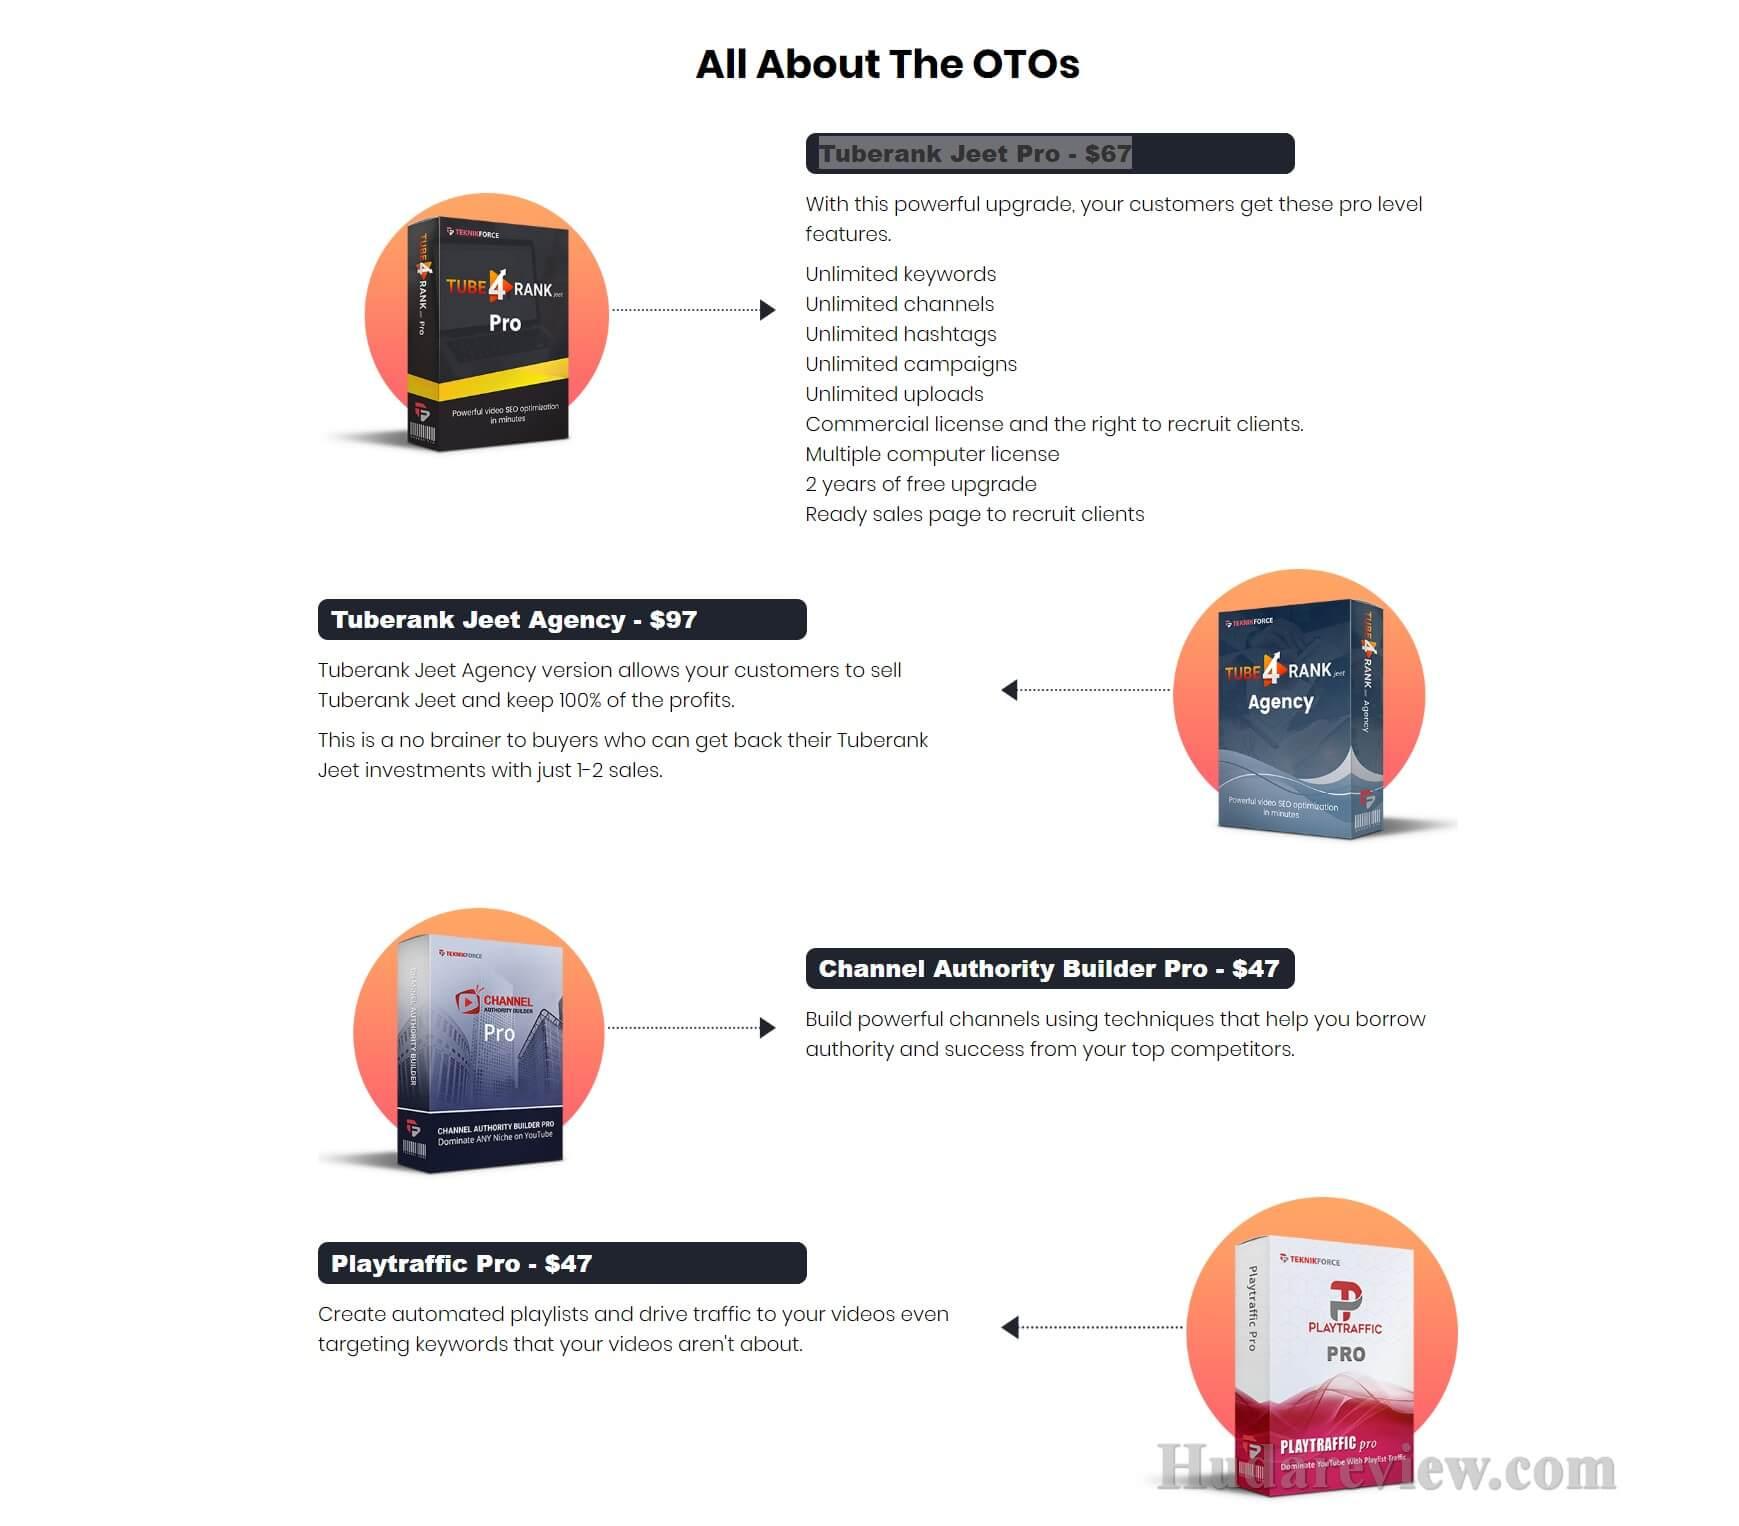 Tube-Jeet-4-Review-Otos